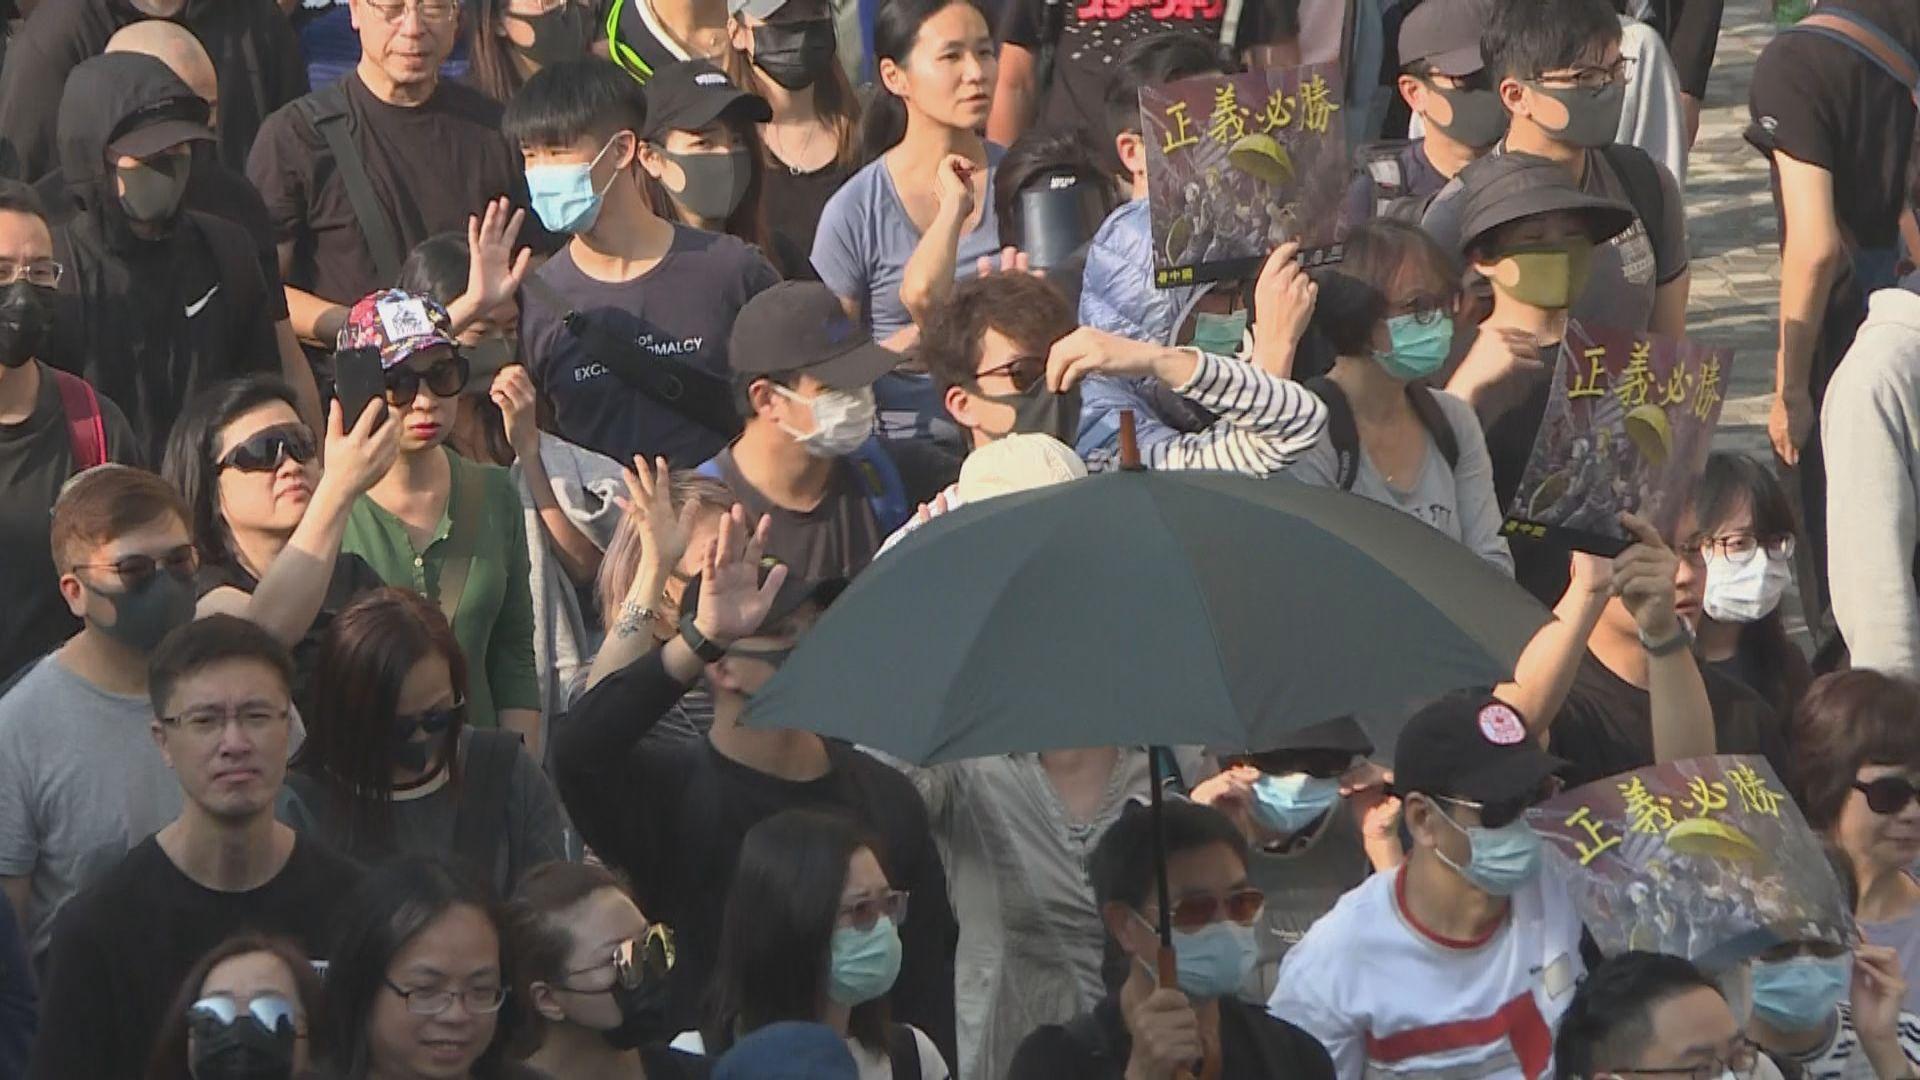 大批市民參加尖沙咀「毋忘初心」大遊行